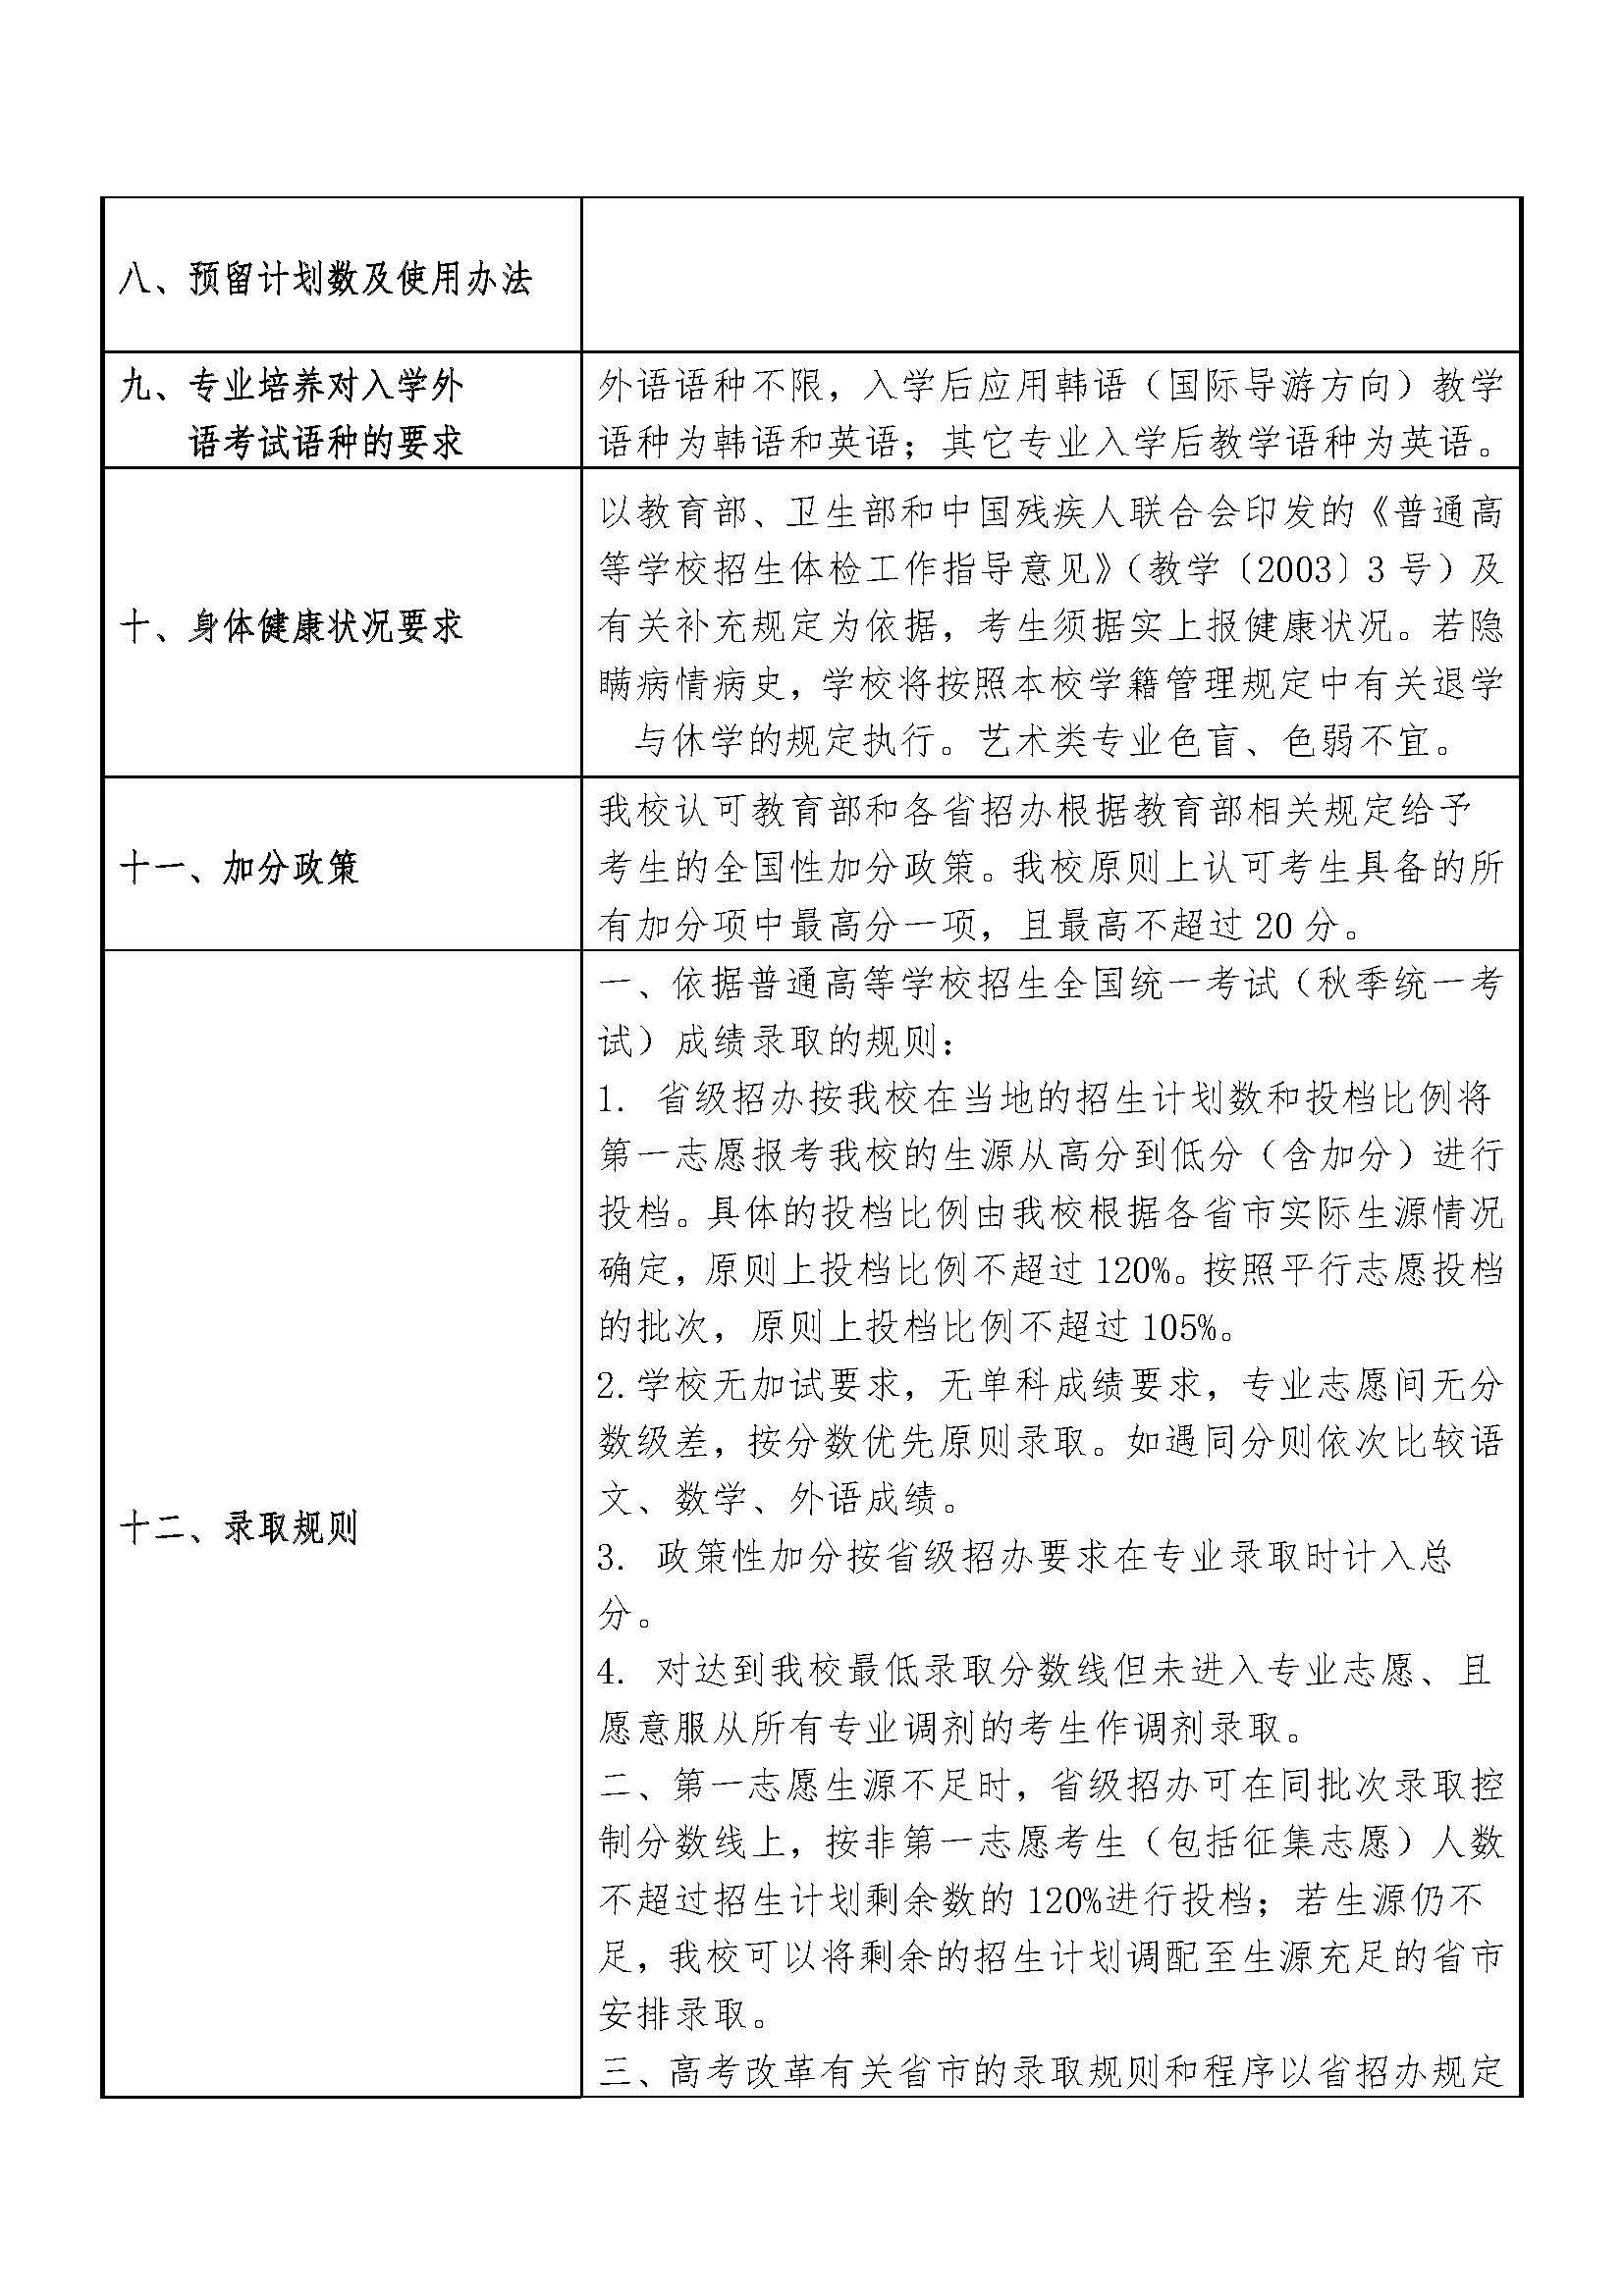 2020全国统考招生章程(正表)_页面_2.jpg